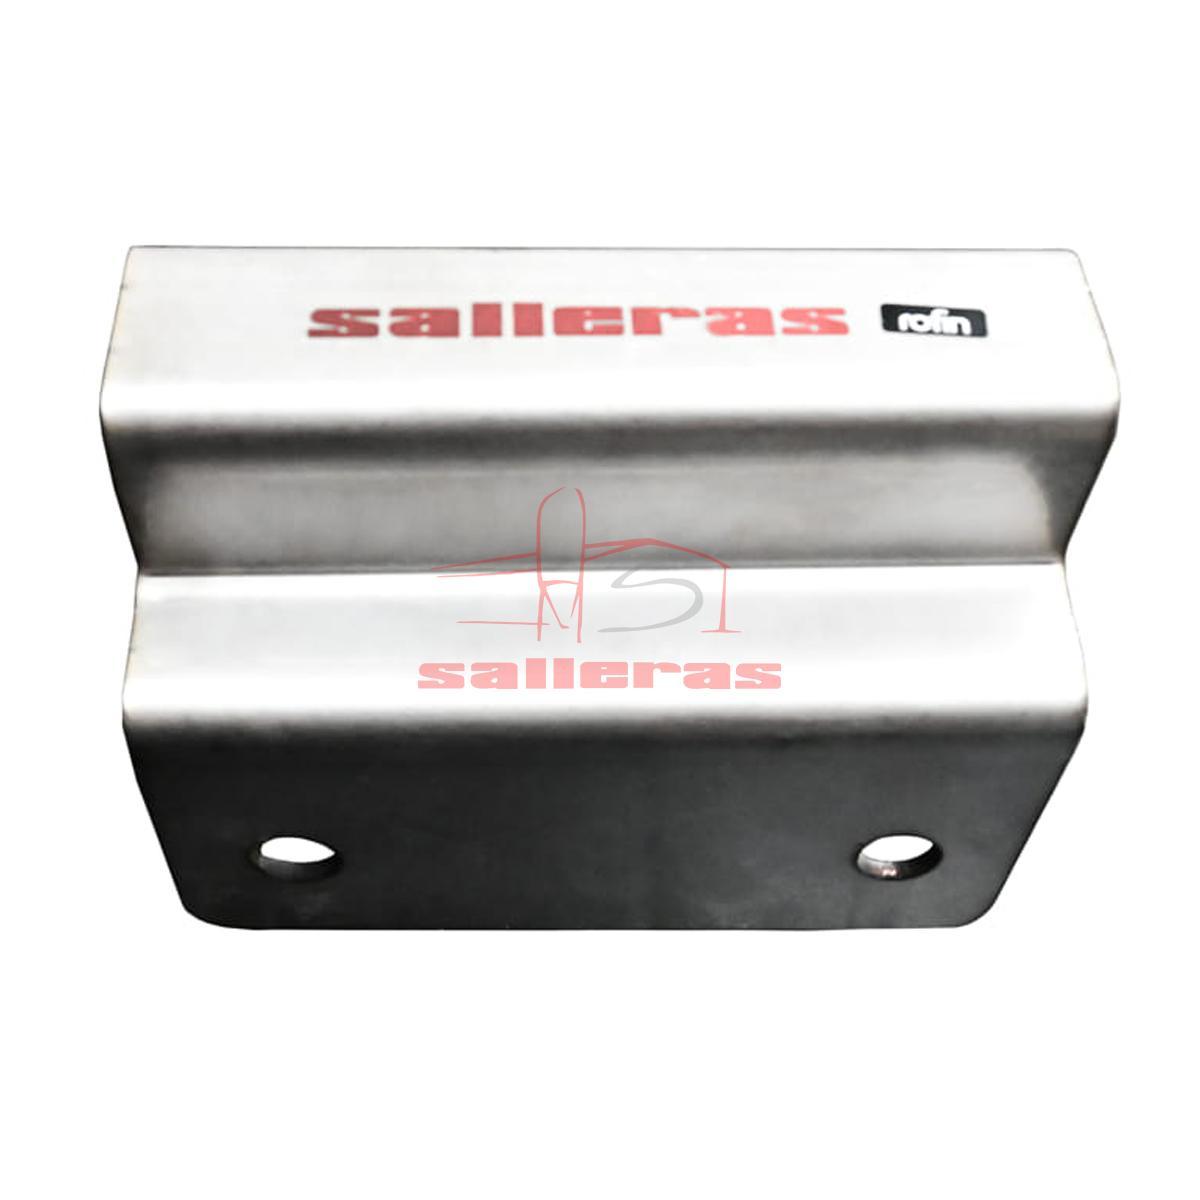 Bisagra de acero inoxidable para puerta con cuatro agujeros